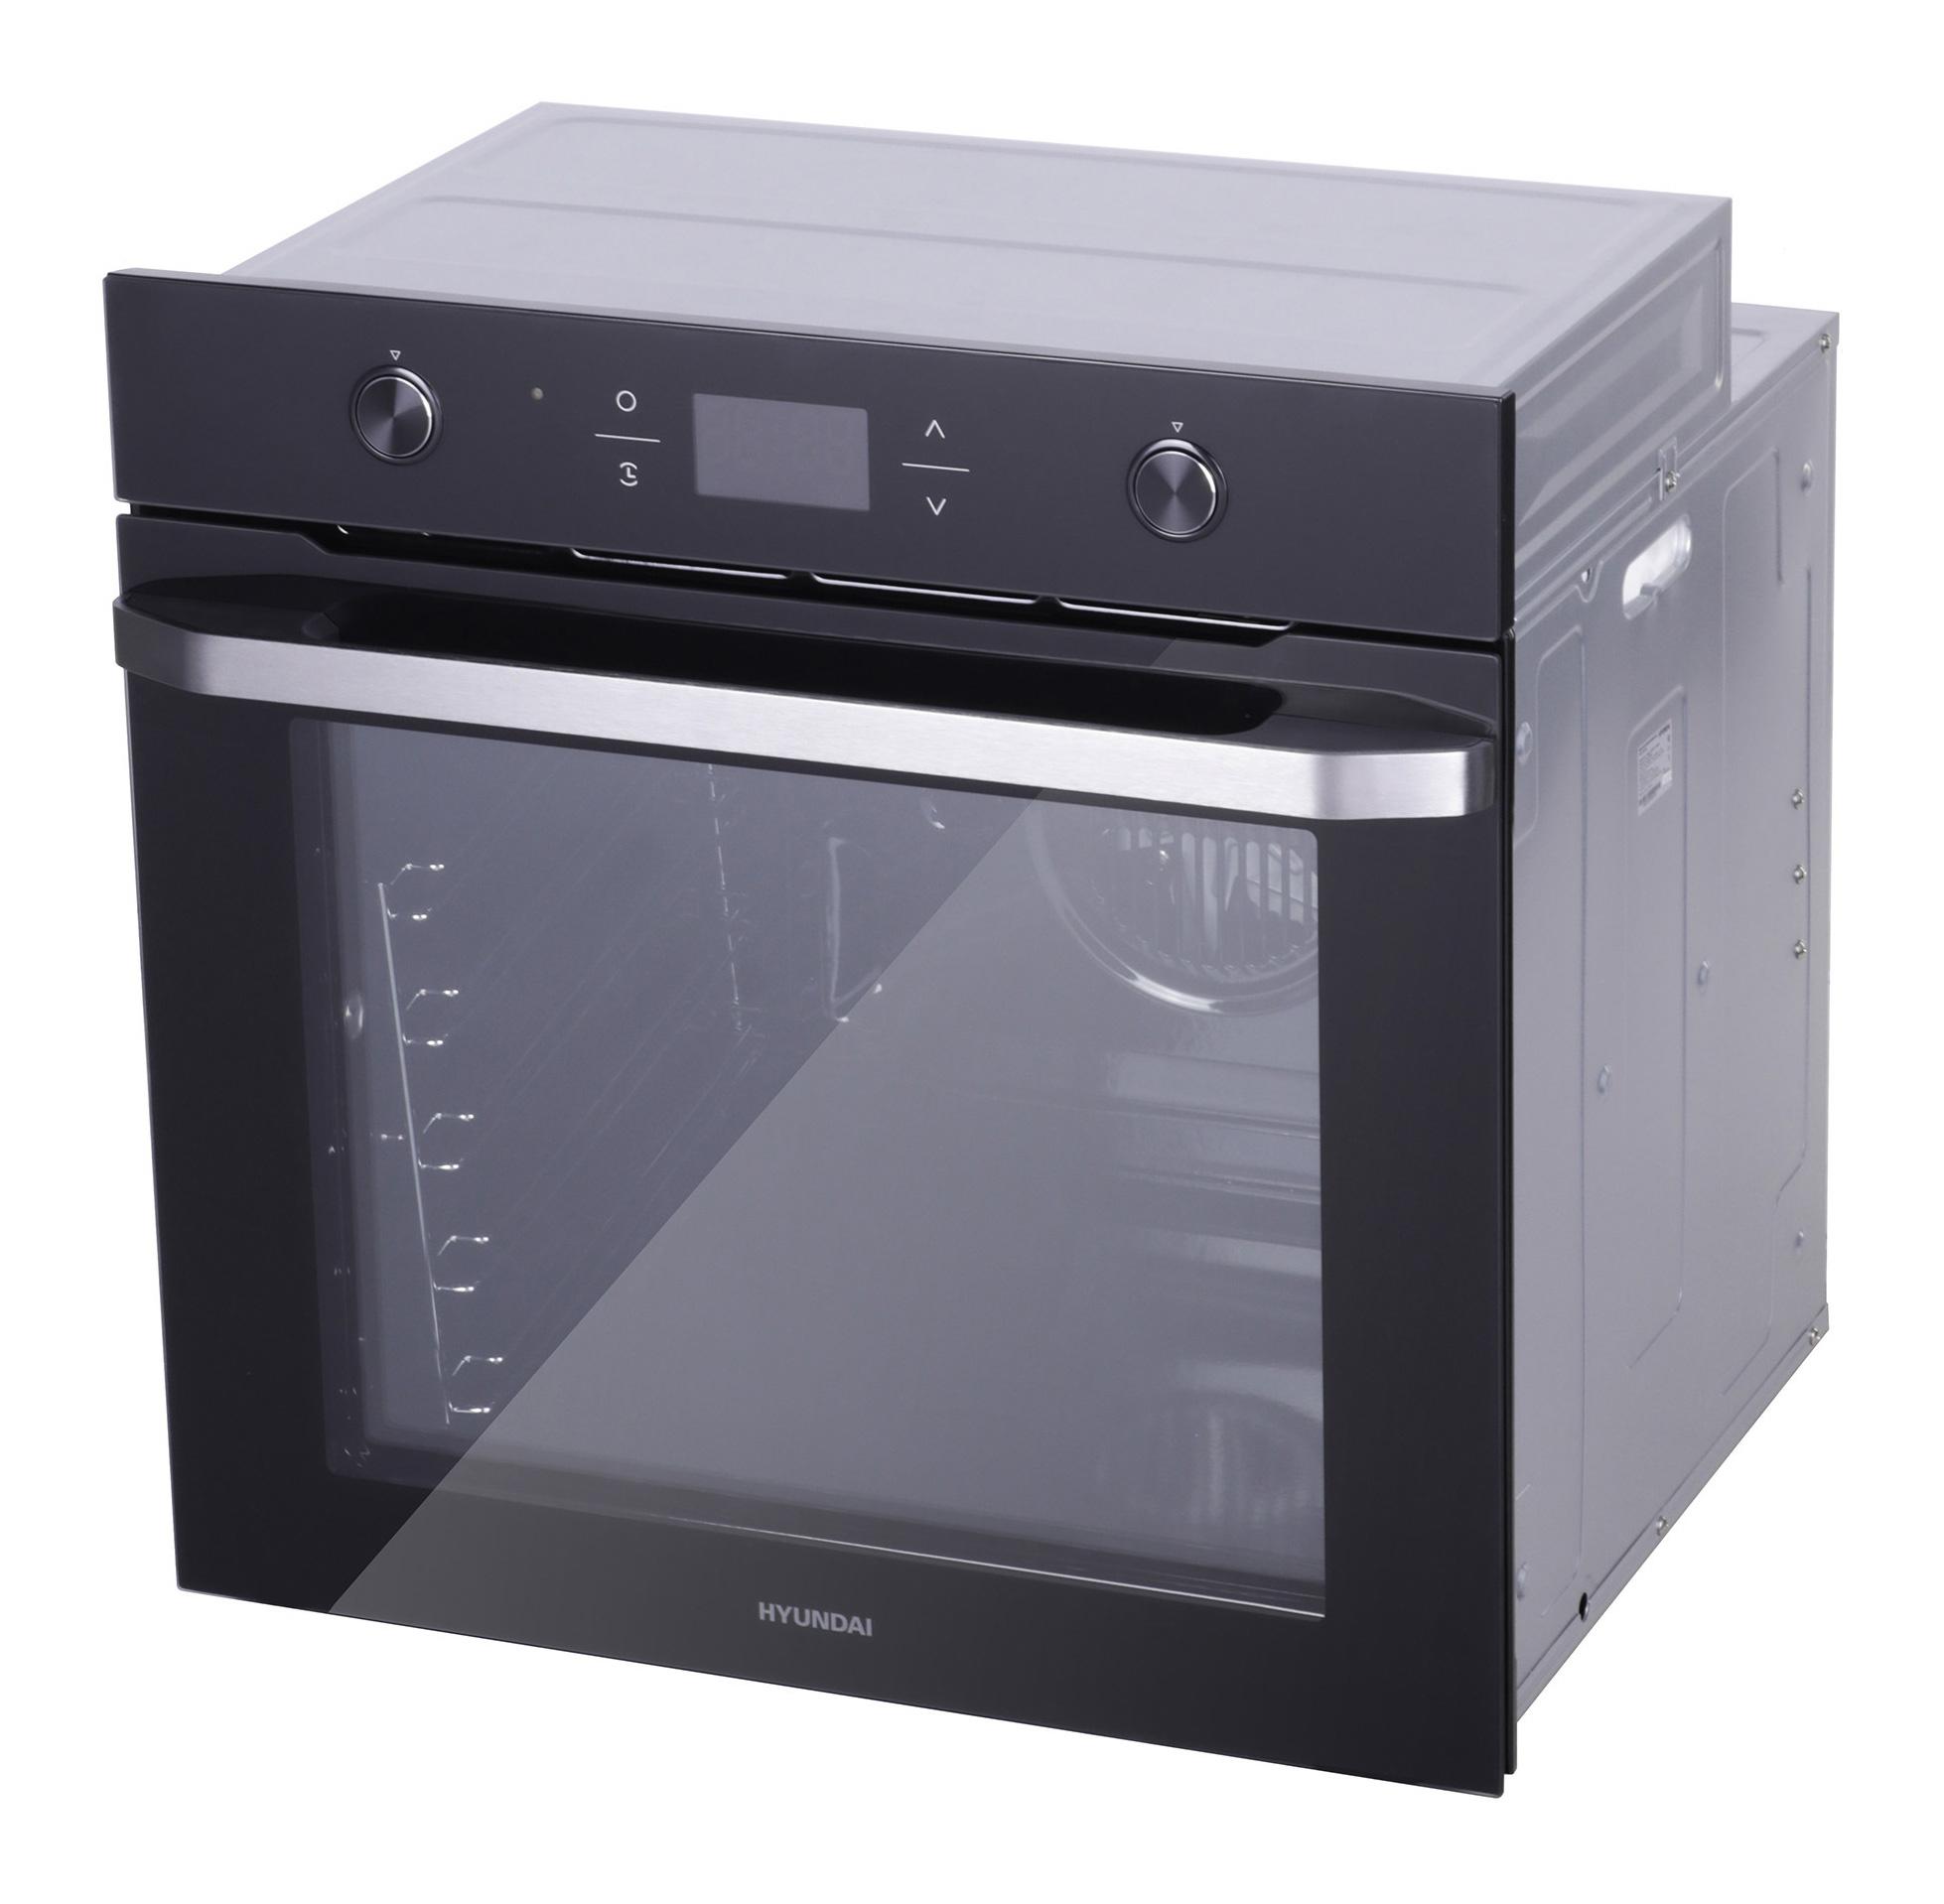 Духовой шкаф Электрический Hyundai HEO 6740 BG черный